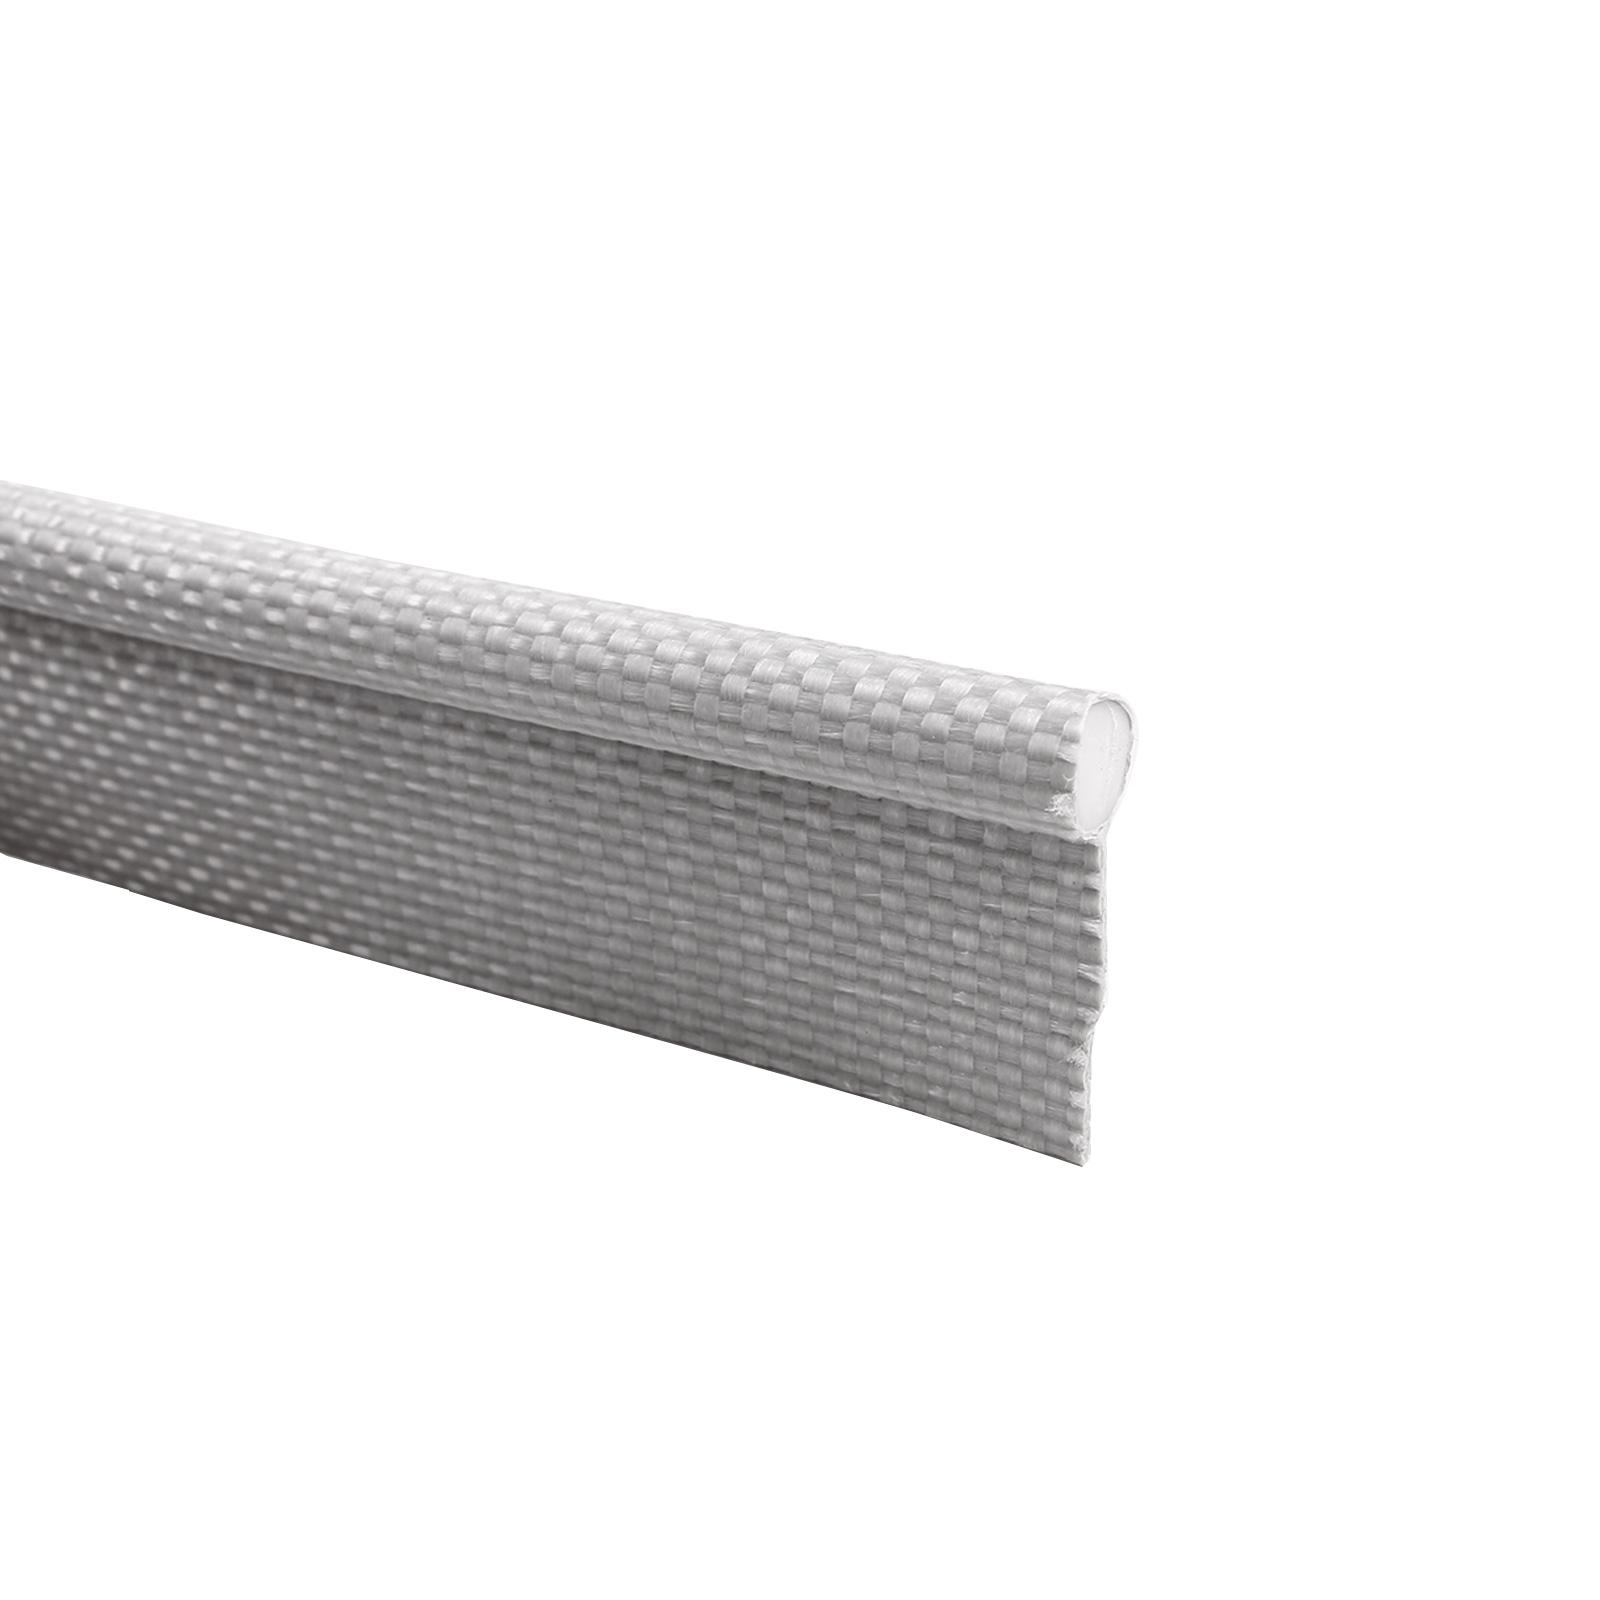 1 Meter Keder Einzugkeder 7,5 mm weiß Pvc Gewebe 20mm Lasche, Zeltkeder Vorzelt